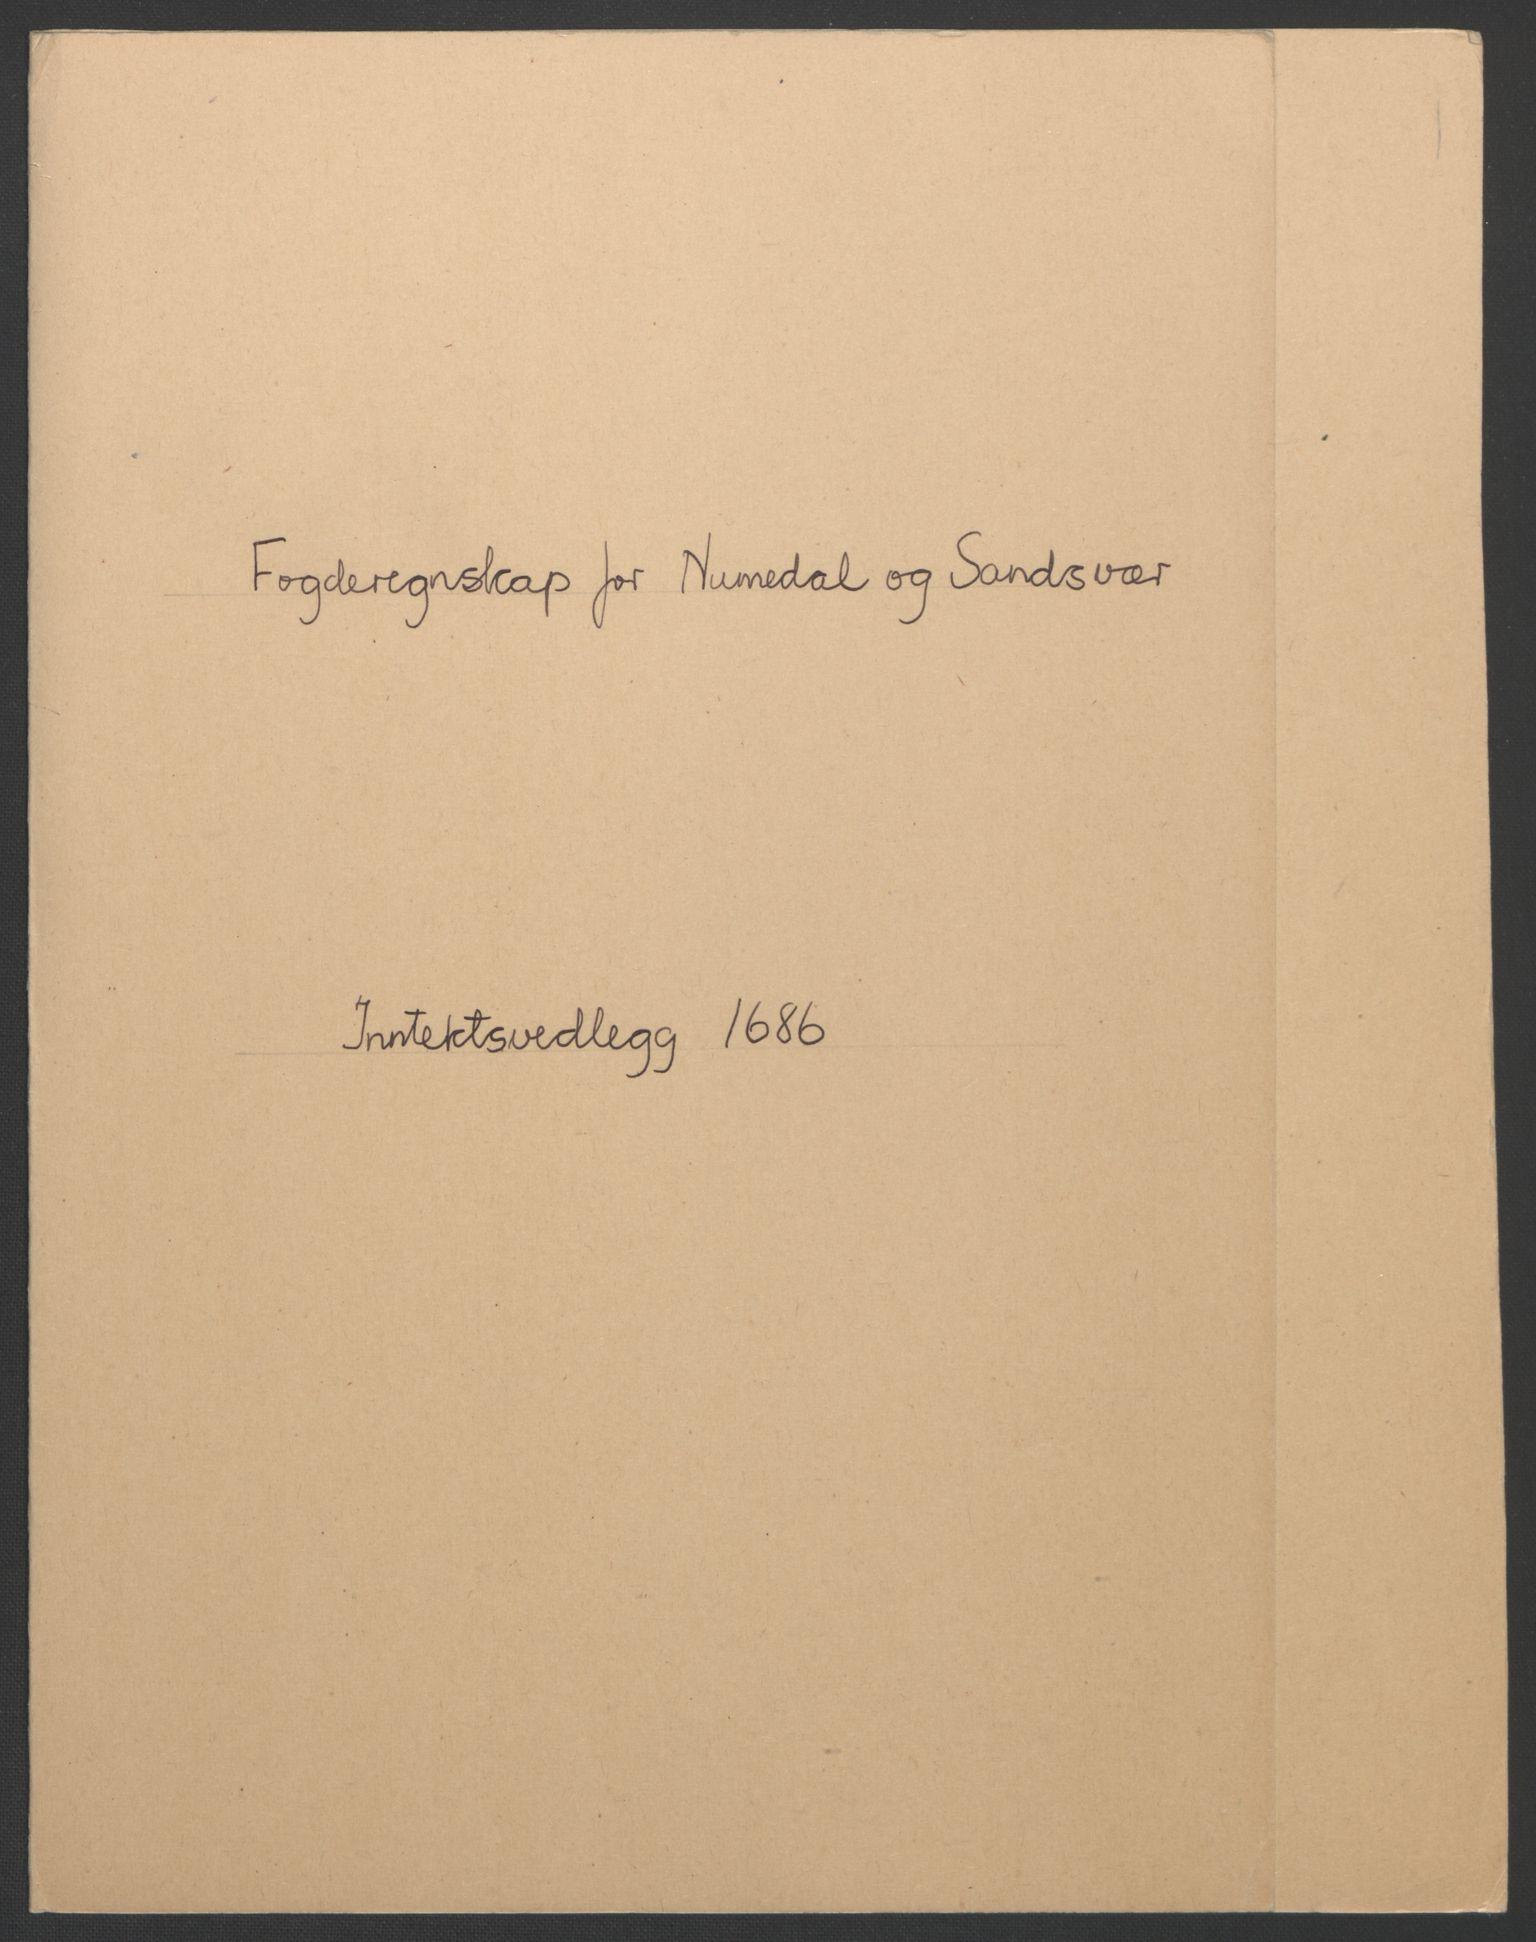 RA, Rentekammeret inntil 1814, Reviderte regnskaper, Fogderegnskap, R24/L1572: Fogderegnskap Numedal og Sandsvær, 1679-1686, s. 2